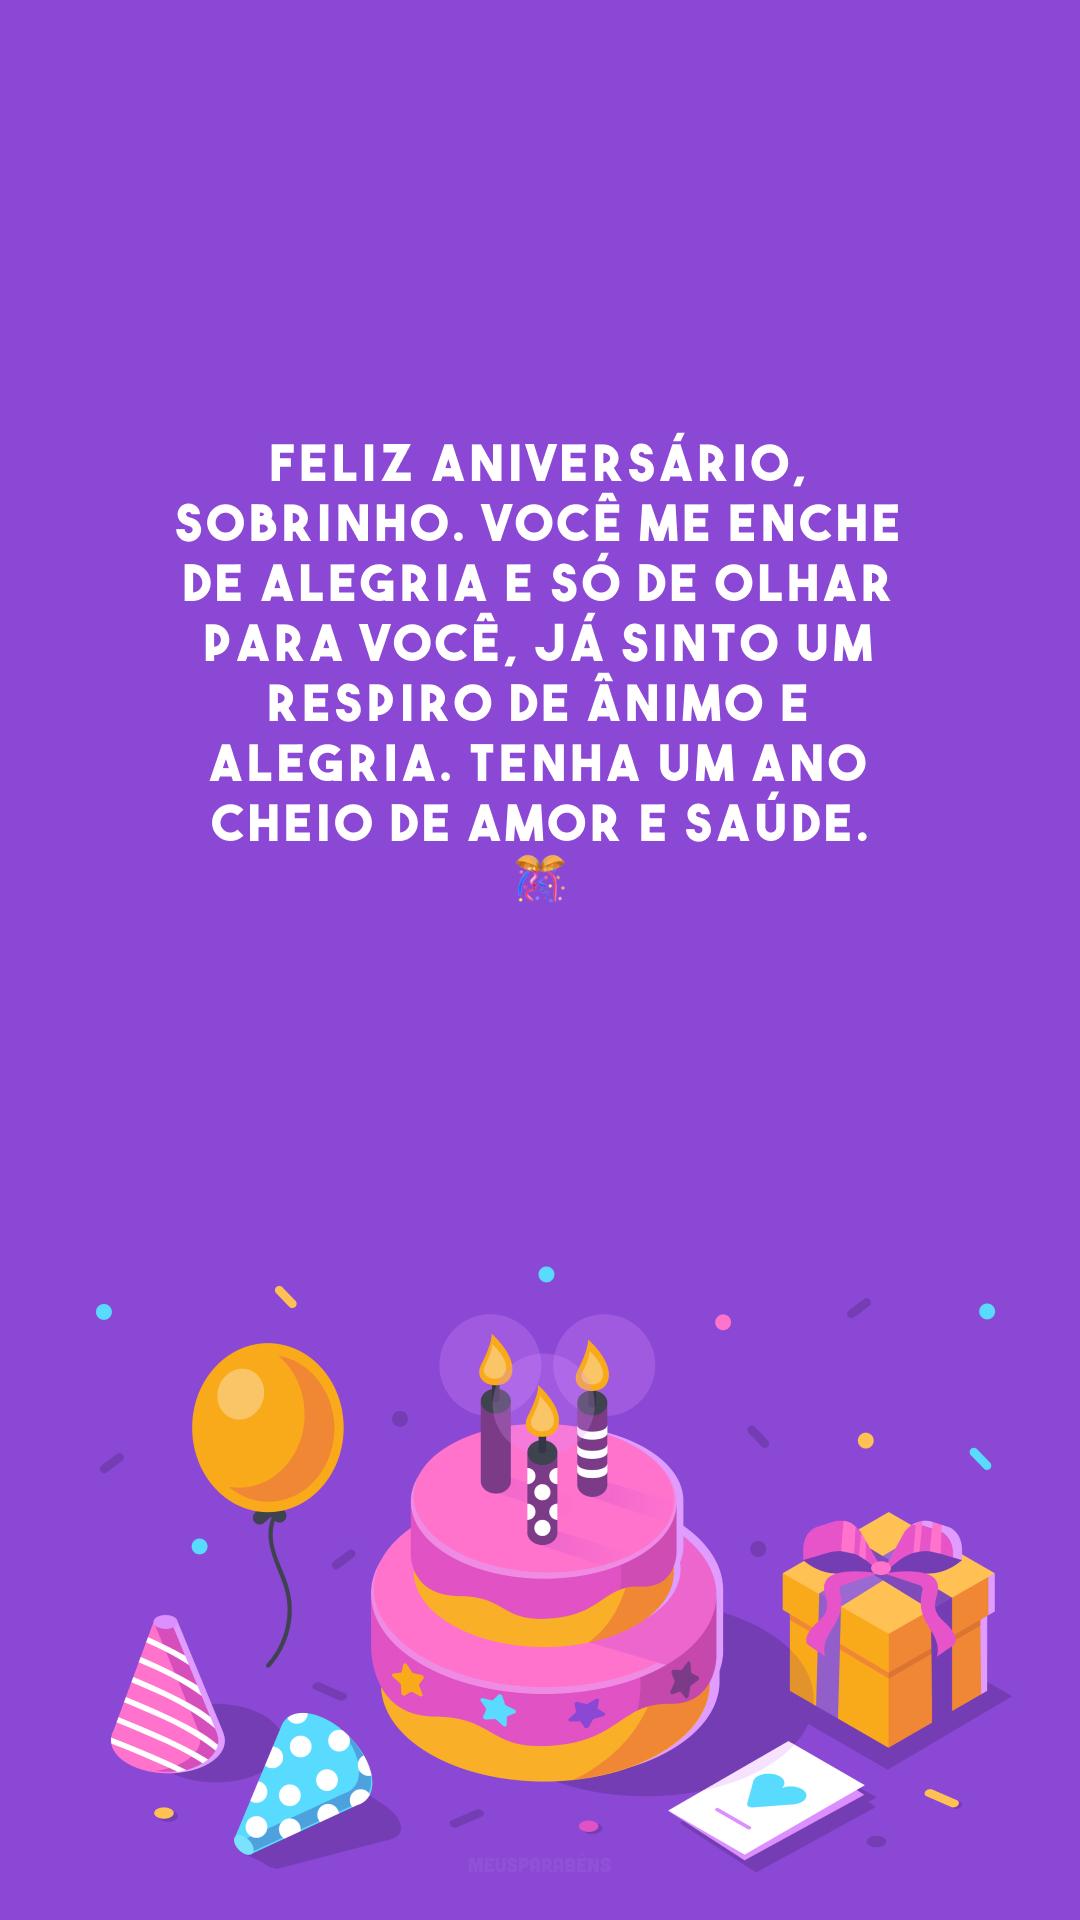 Feliz aniversário, sobrinho. Você me enche de alegria e só de olhar para você, já sinto um respiro de ânimo e alegria. Tenha um ano cheio de amor e saúde. 🎊